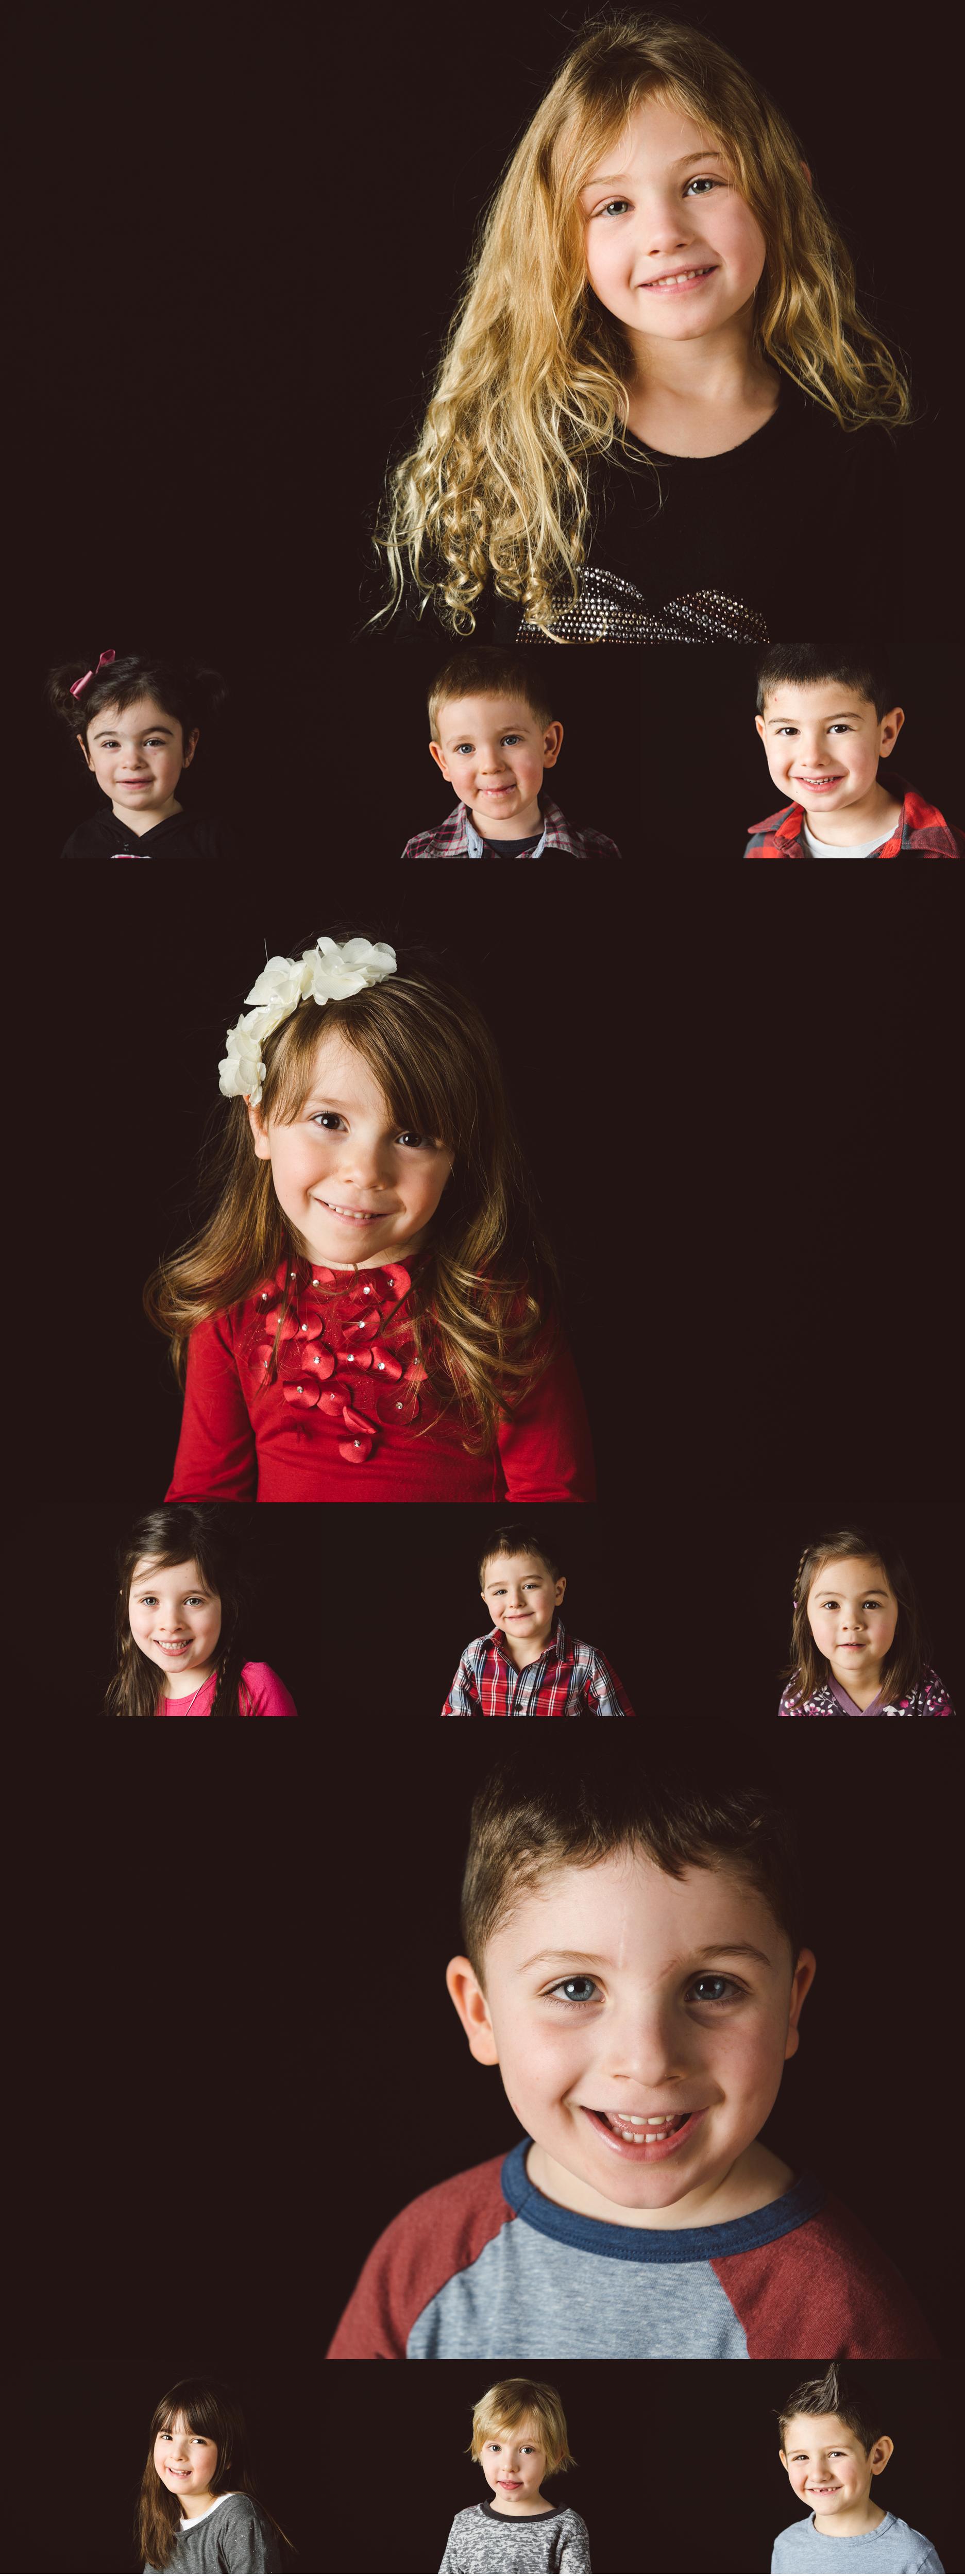 Amy Drucker Portraits of School Children